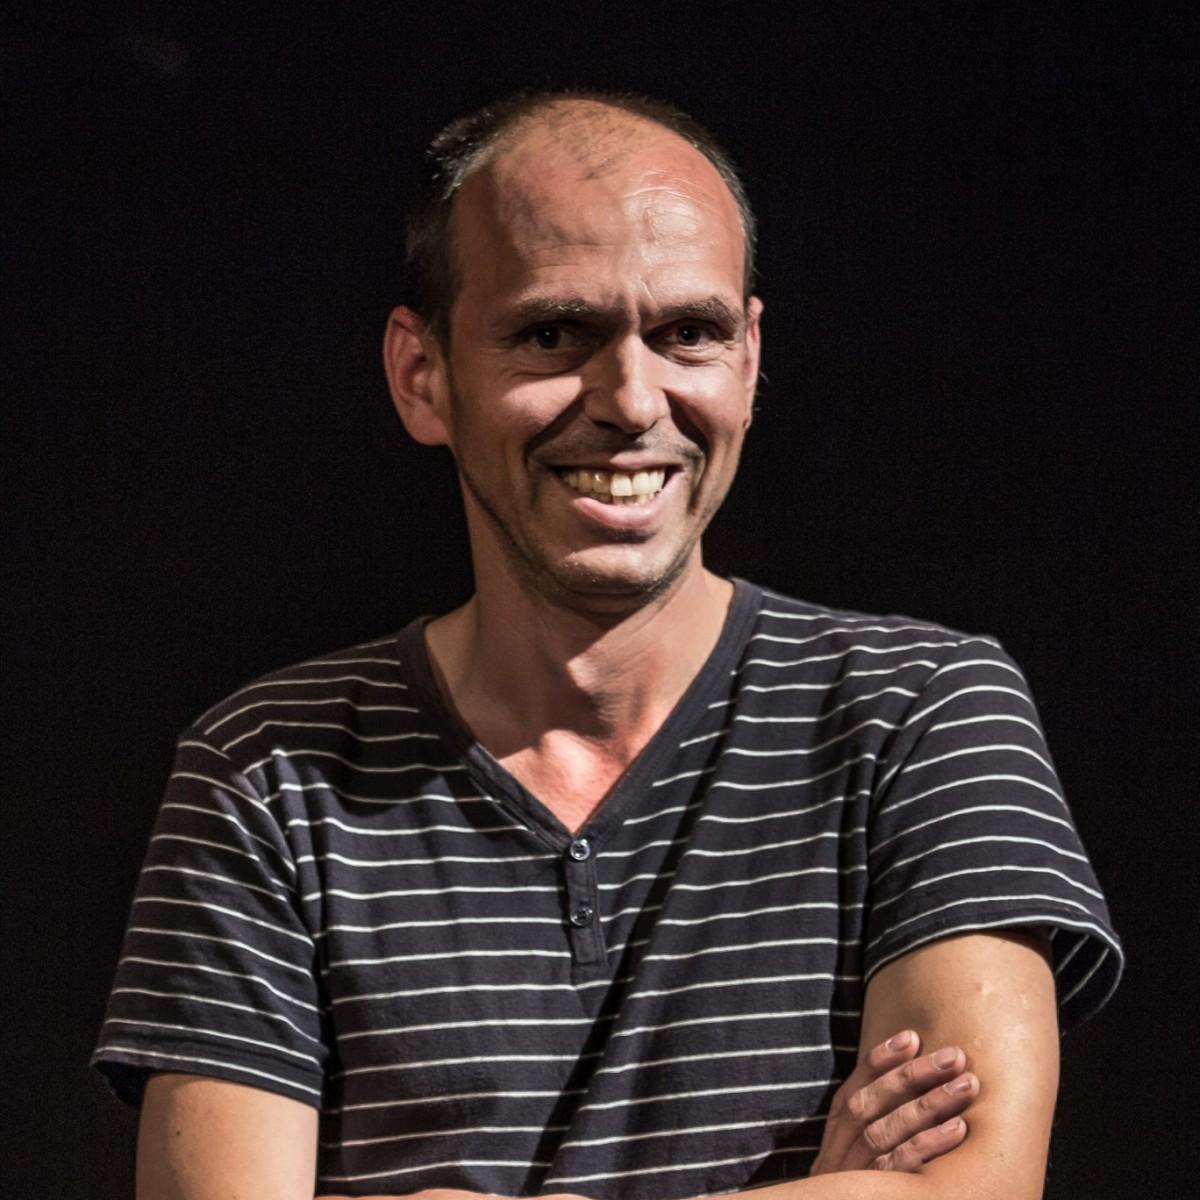 Petru Damșa